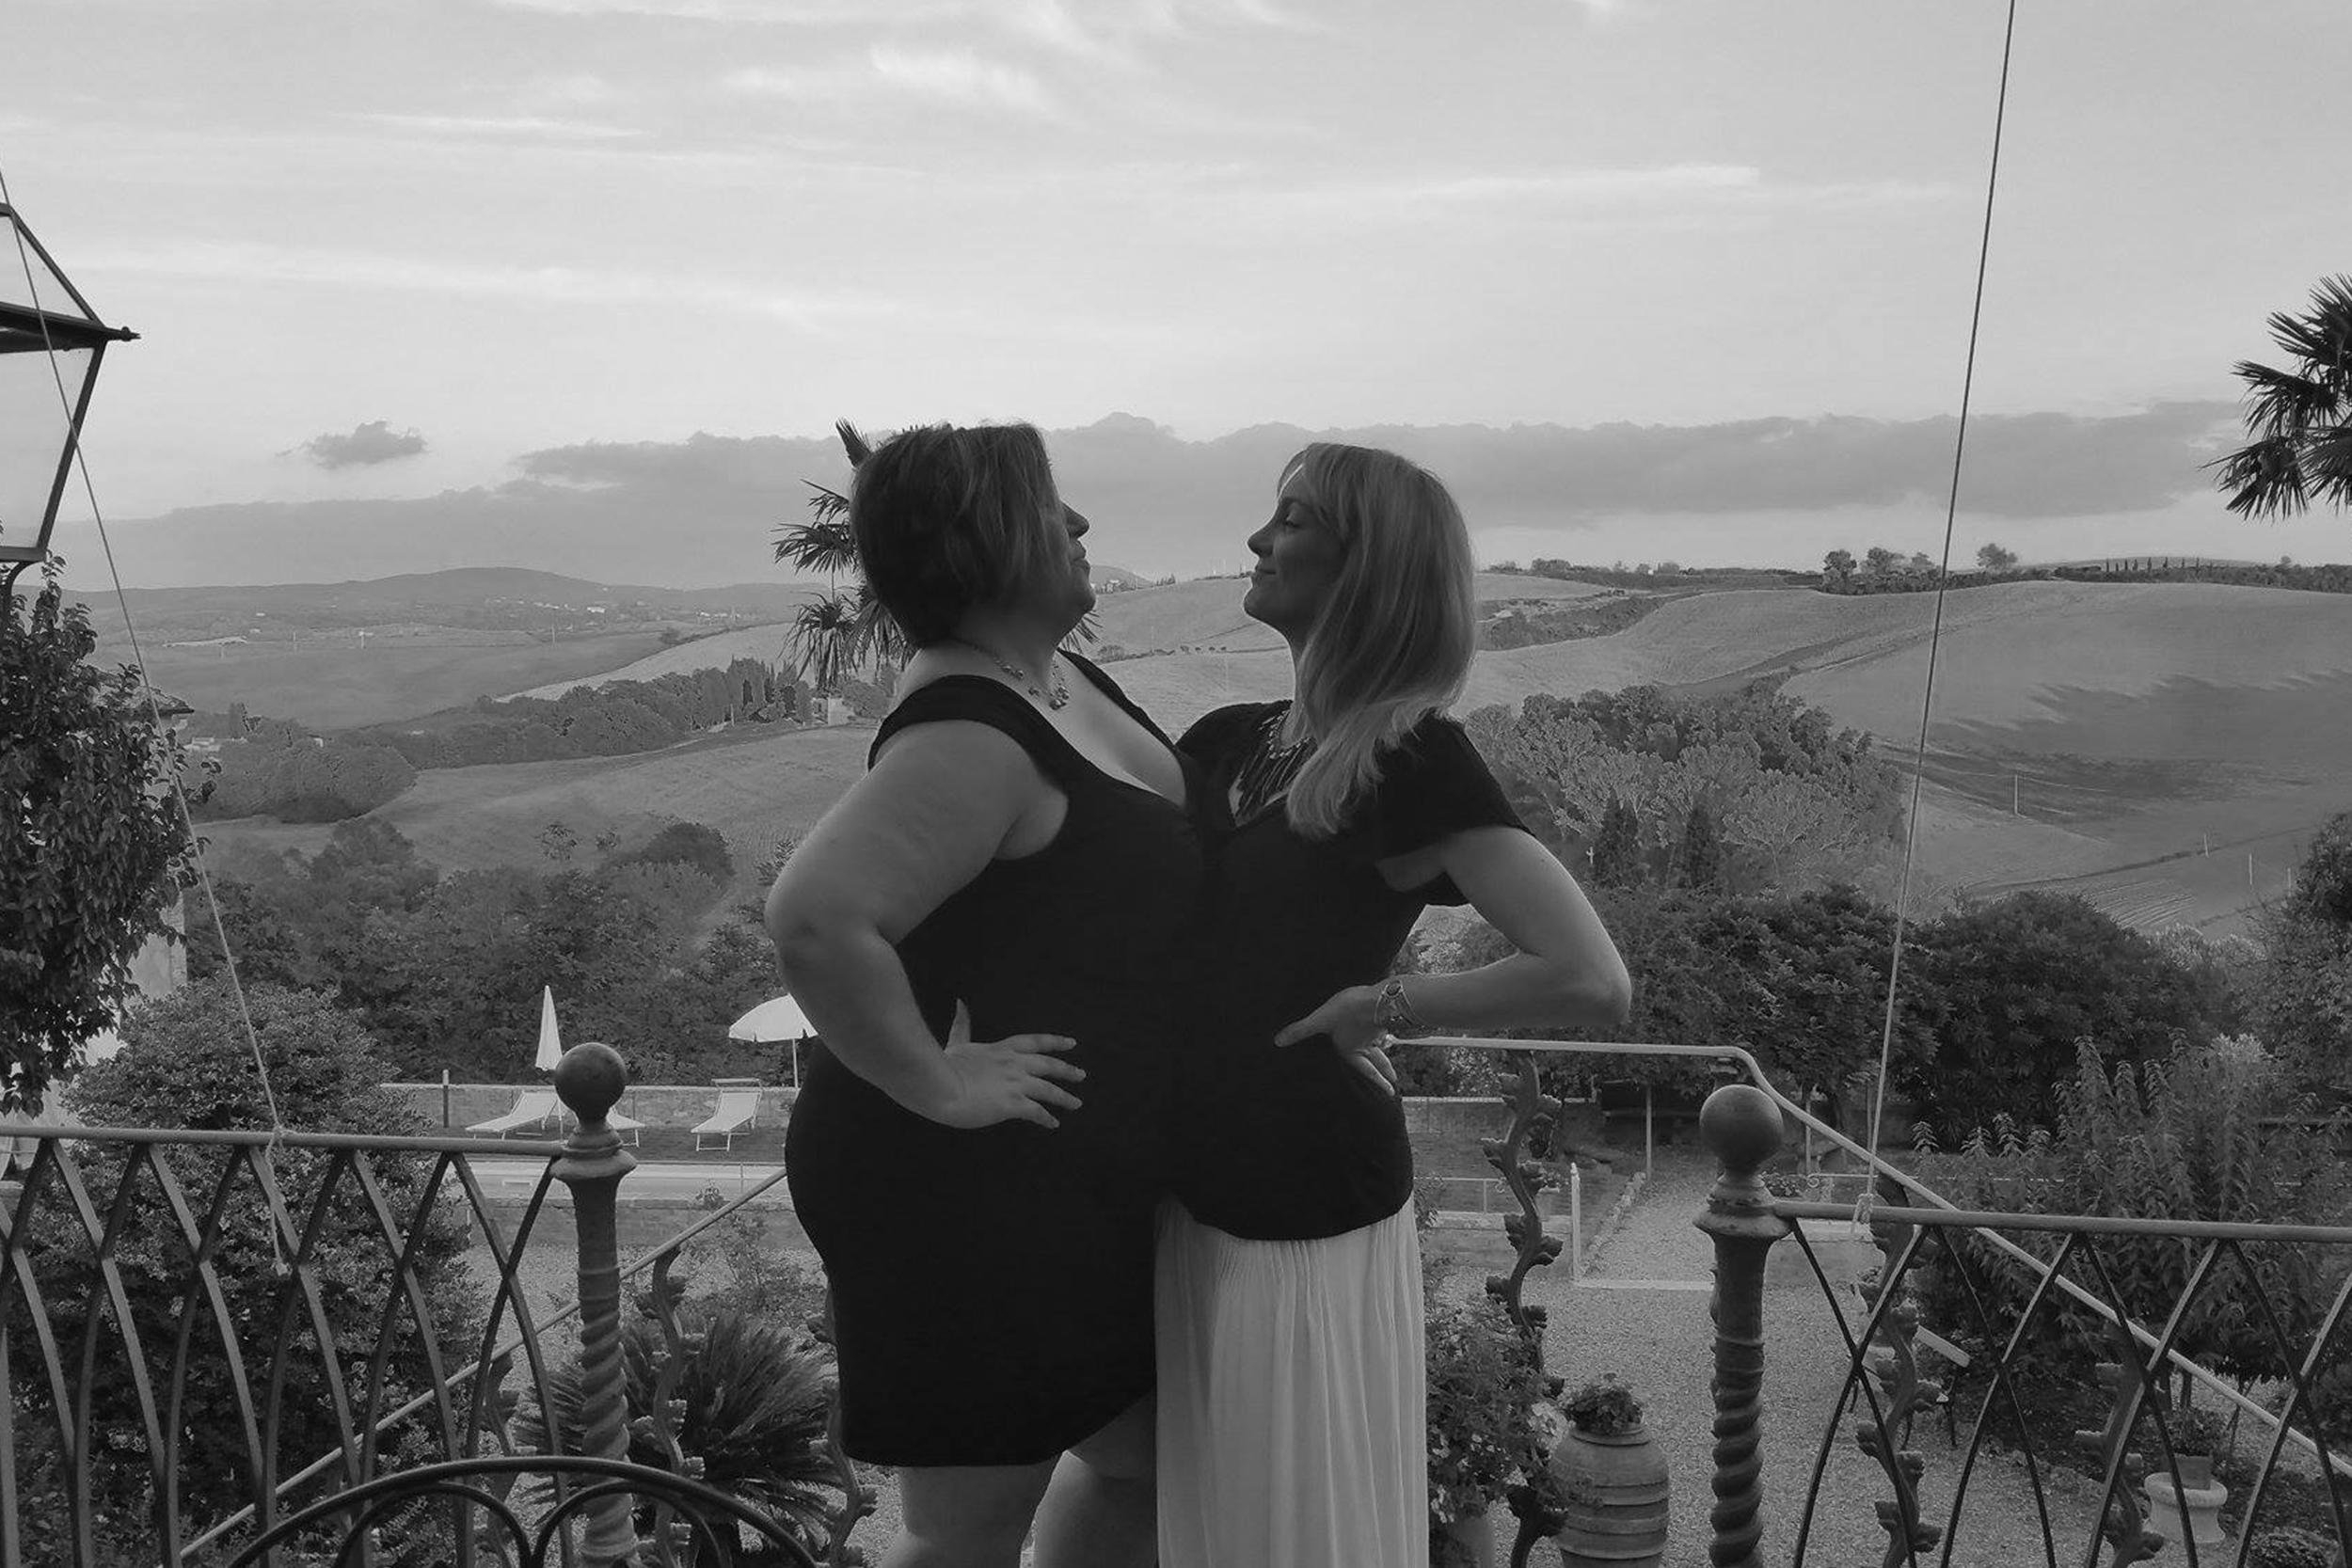 tuscany.png